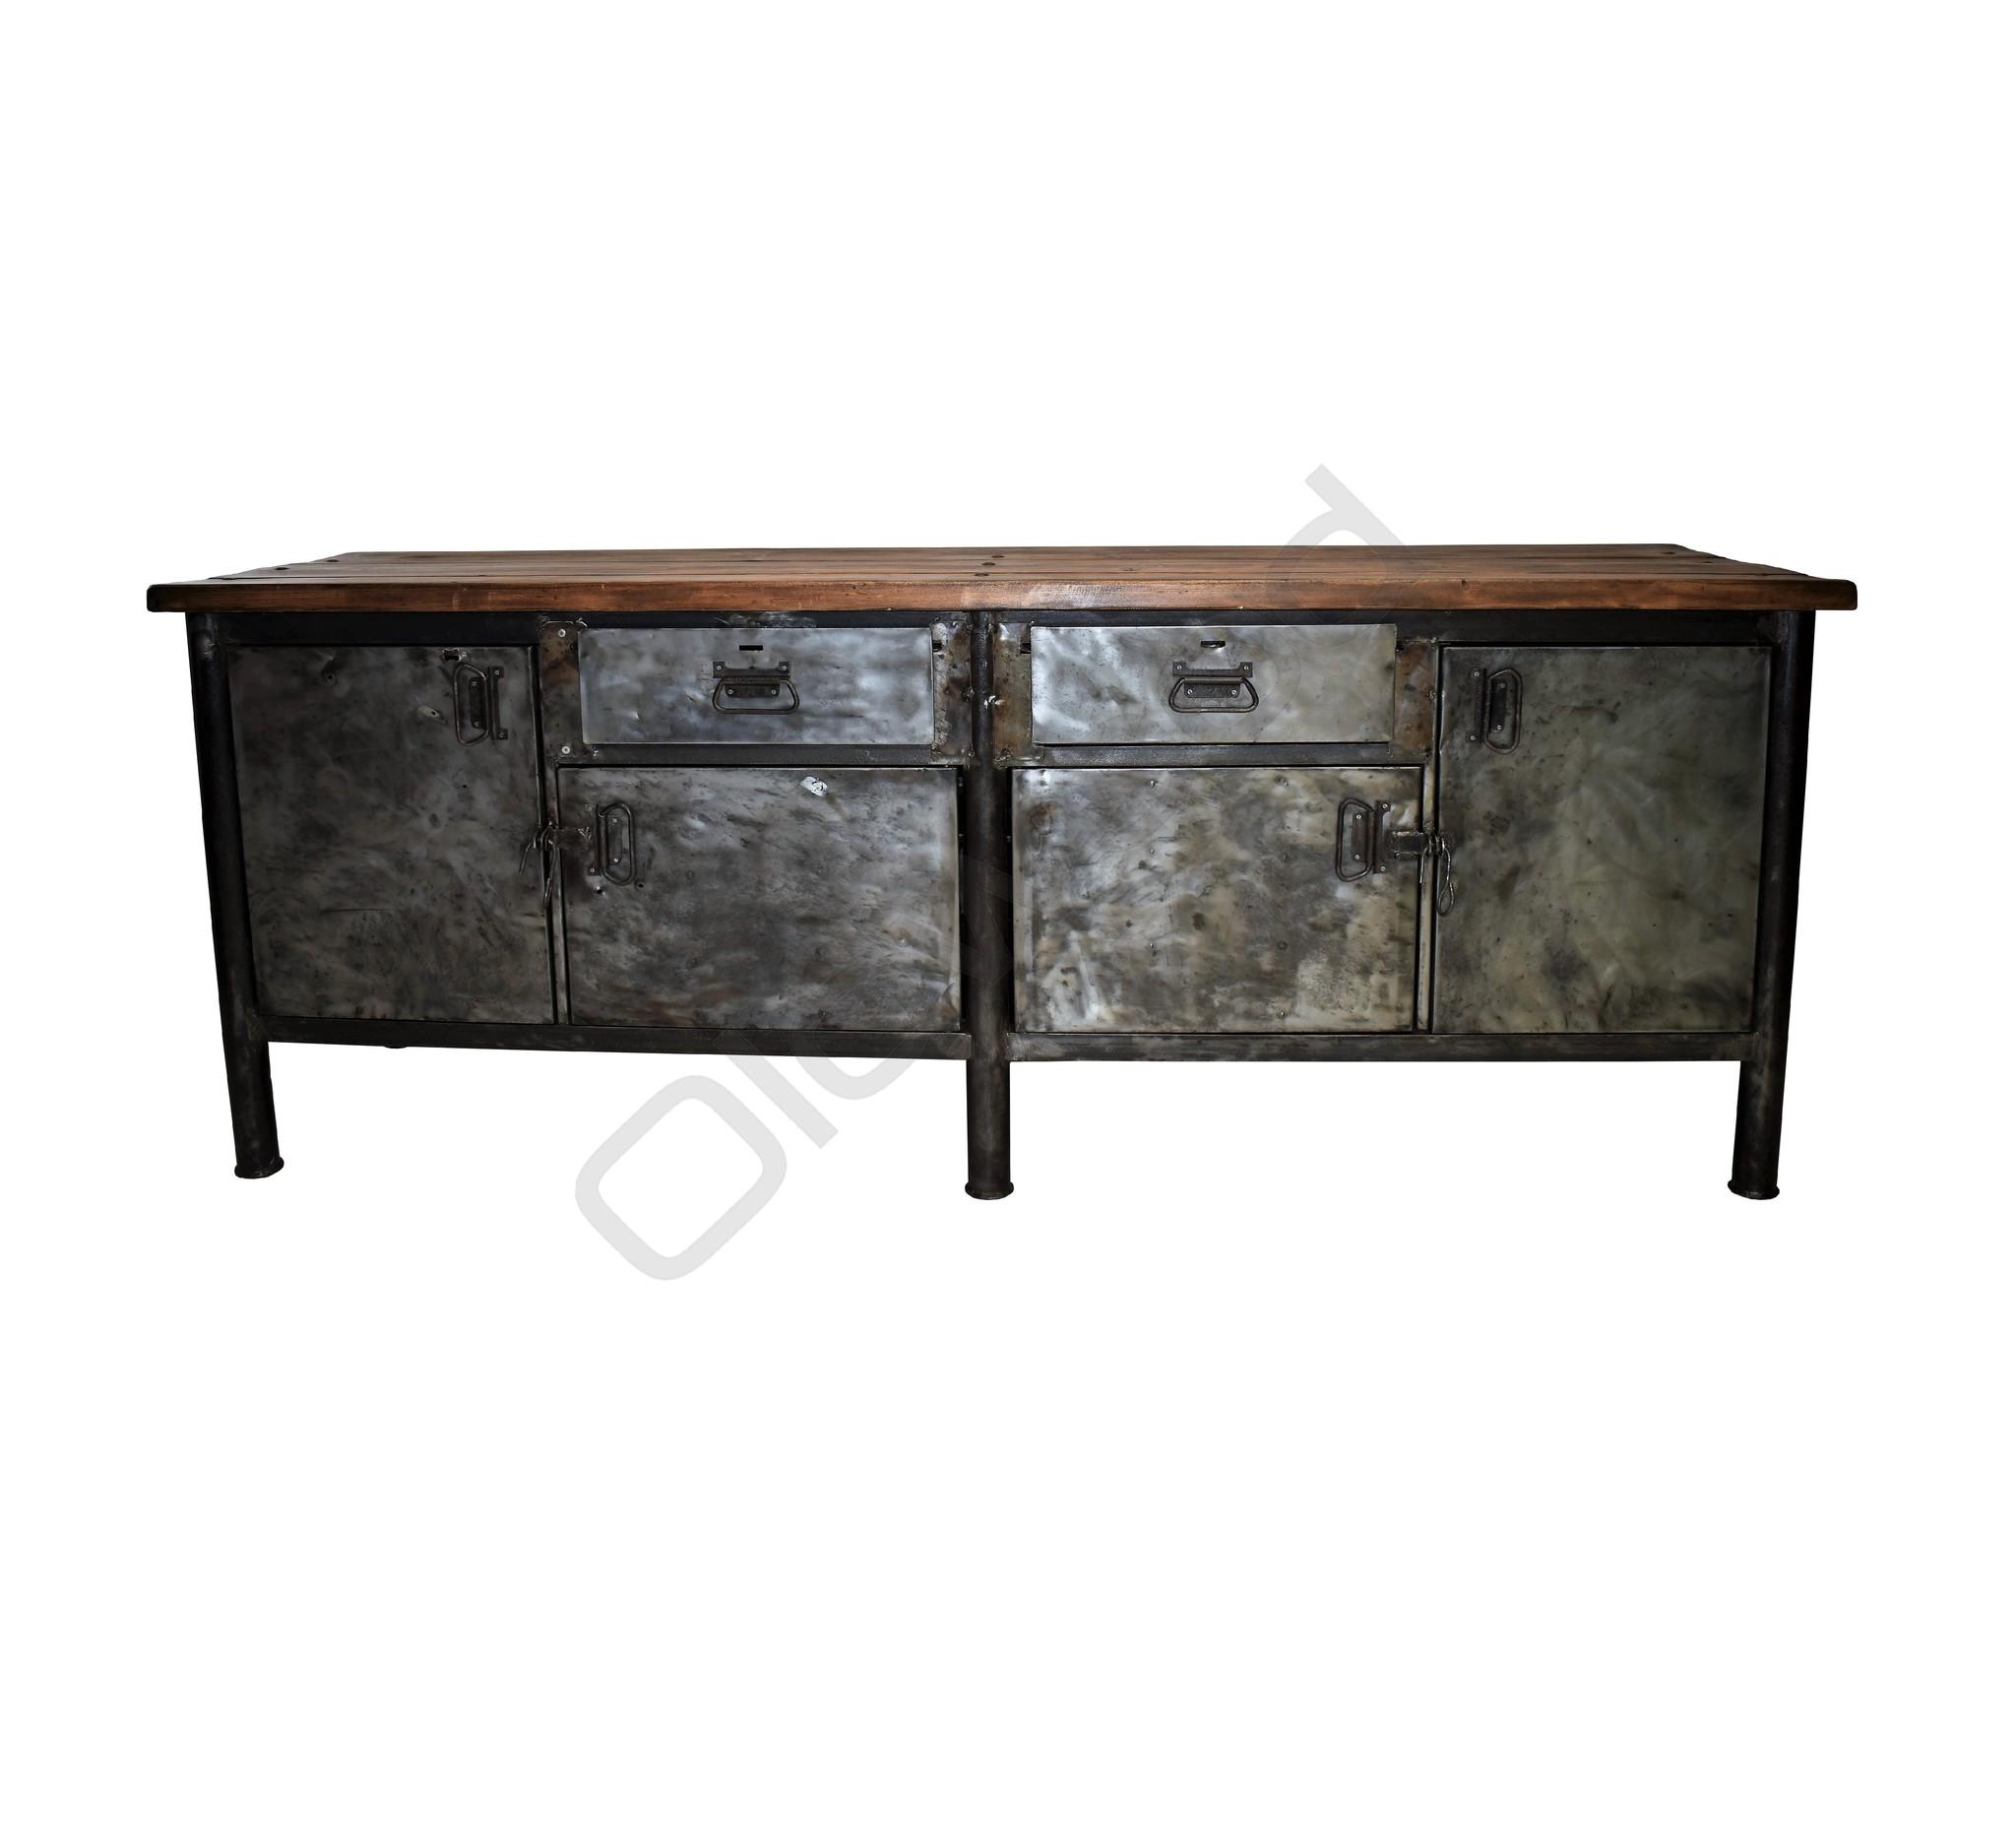 Industrial workbench / dresser